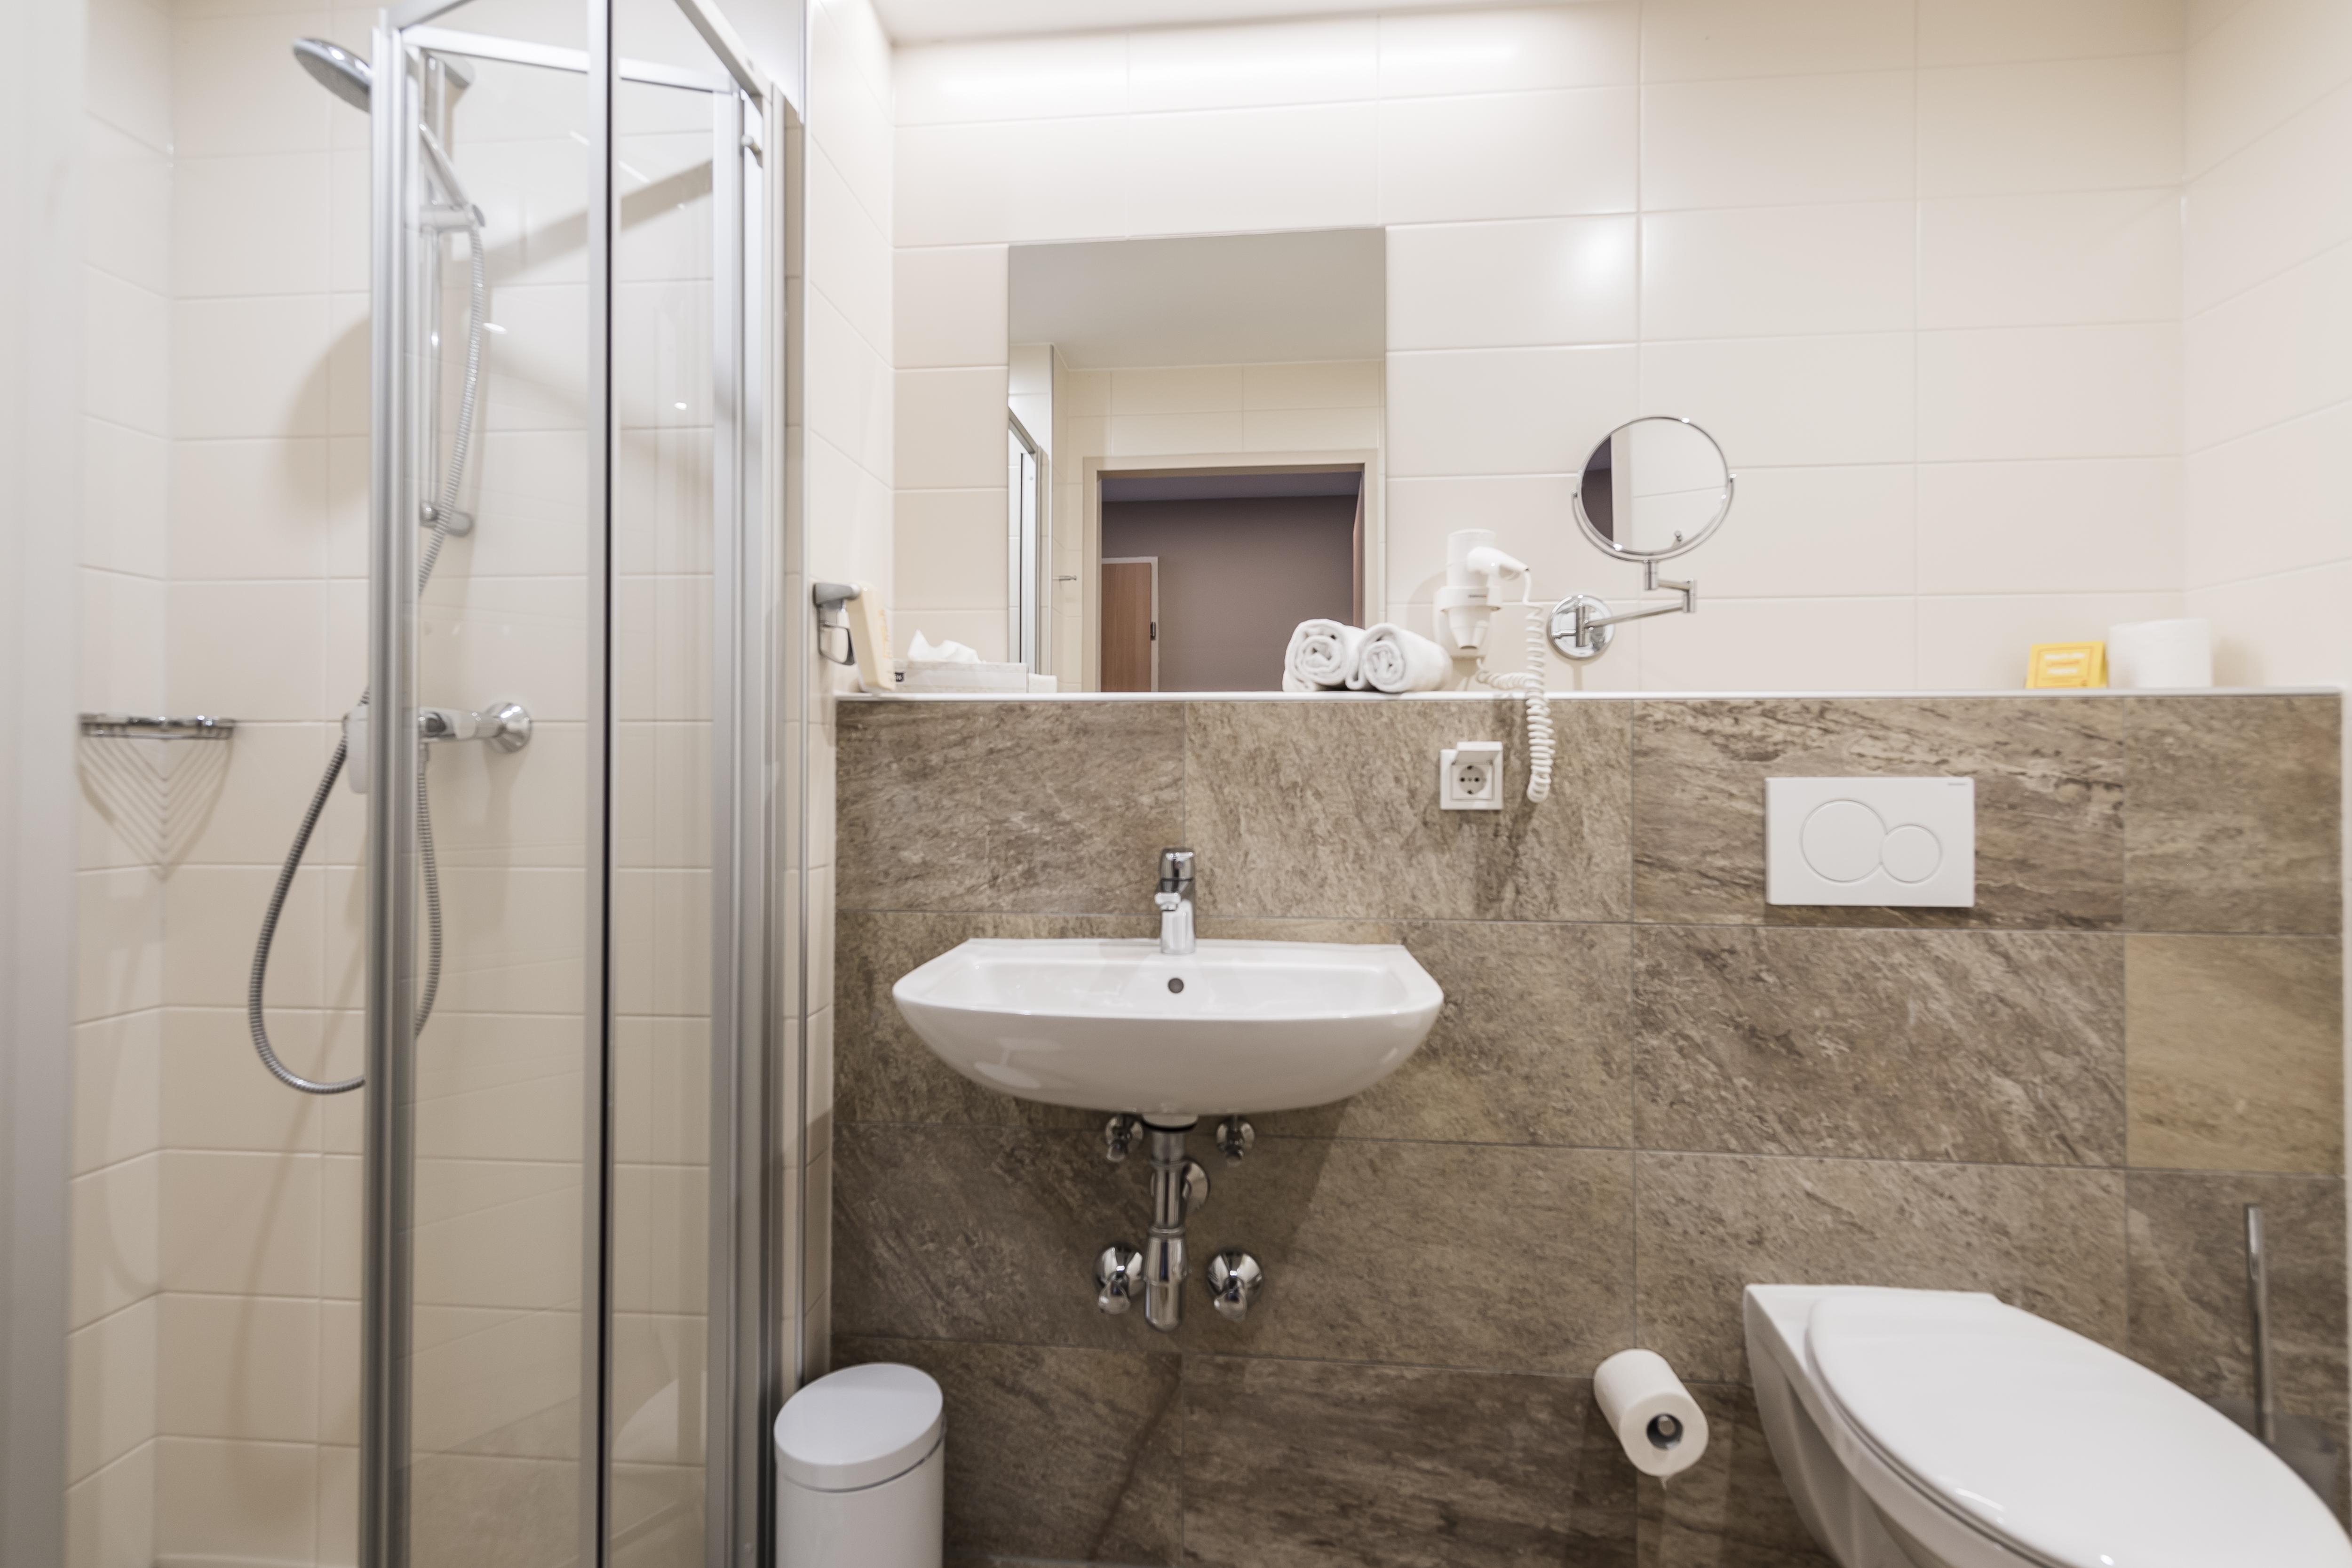 Sie sehen ein Badezimmer im JUFA Hotel Grundlsee*** mit einem Waschbecken. JUFA Hotels bietet erholsamen Familienurlaub und einen unvergesslichen Winter- und Wanderurlaub.